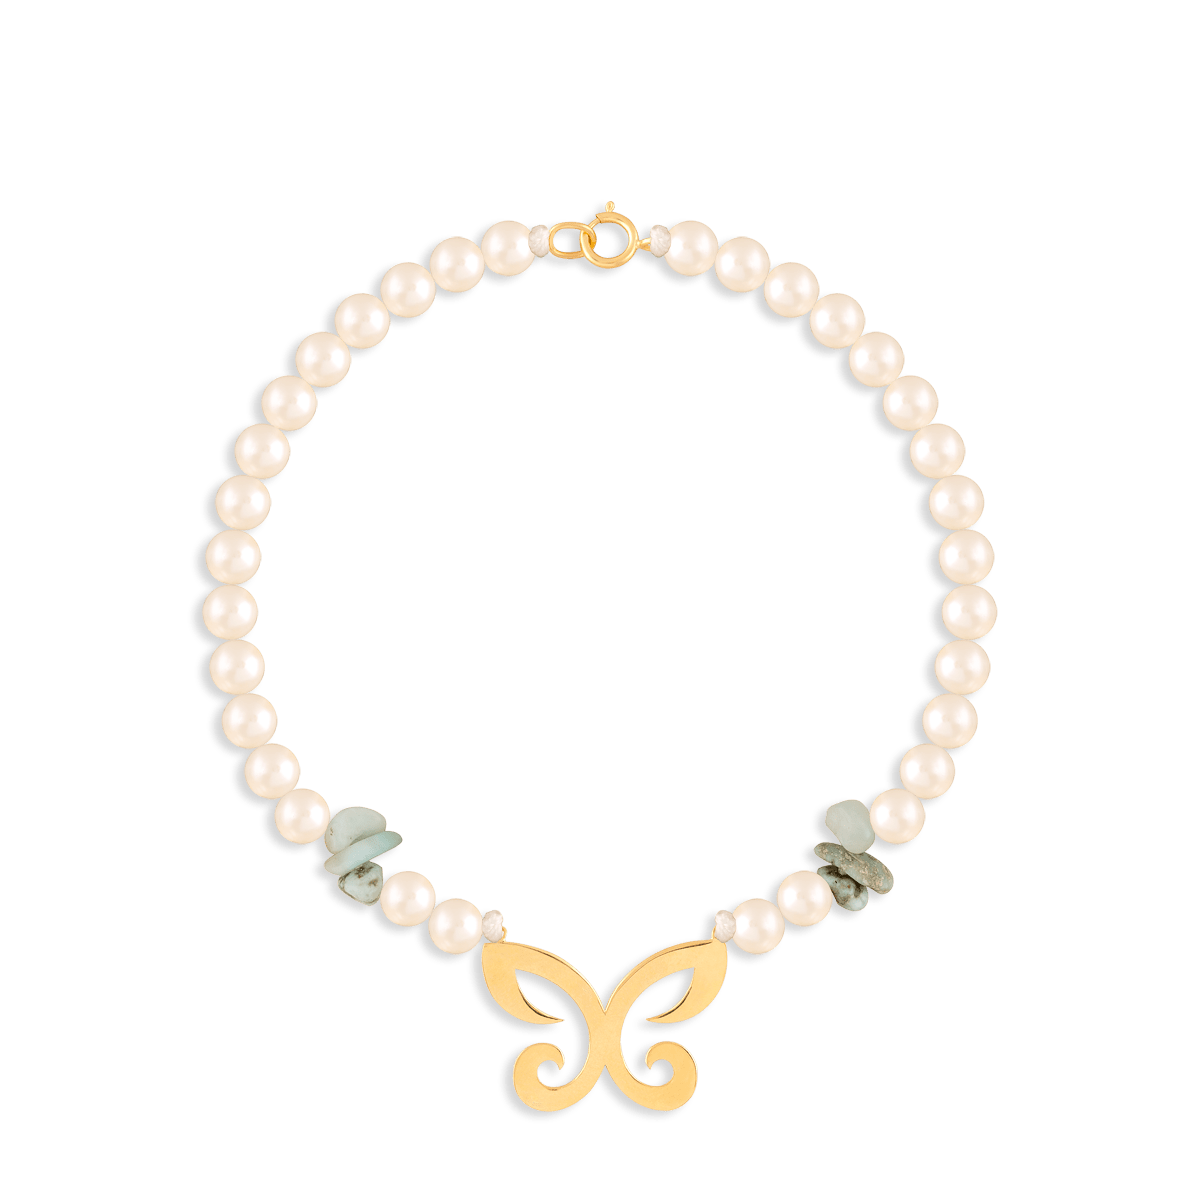 دستبند طلا سنگی پروانه